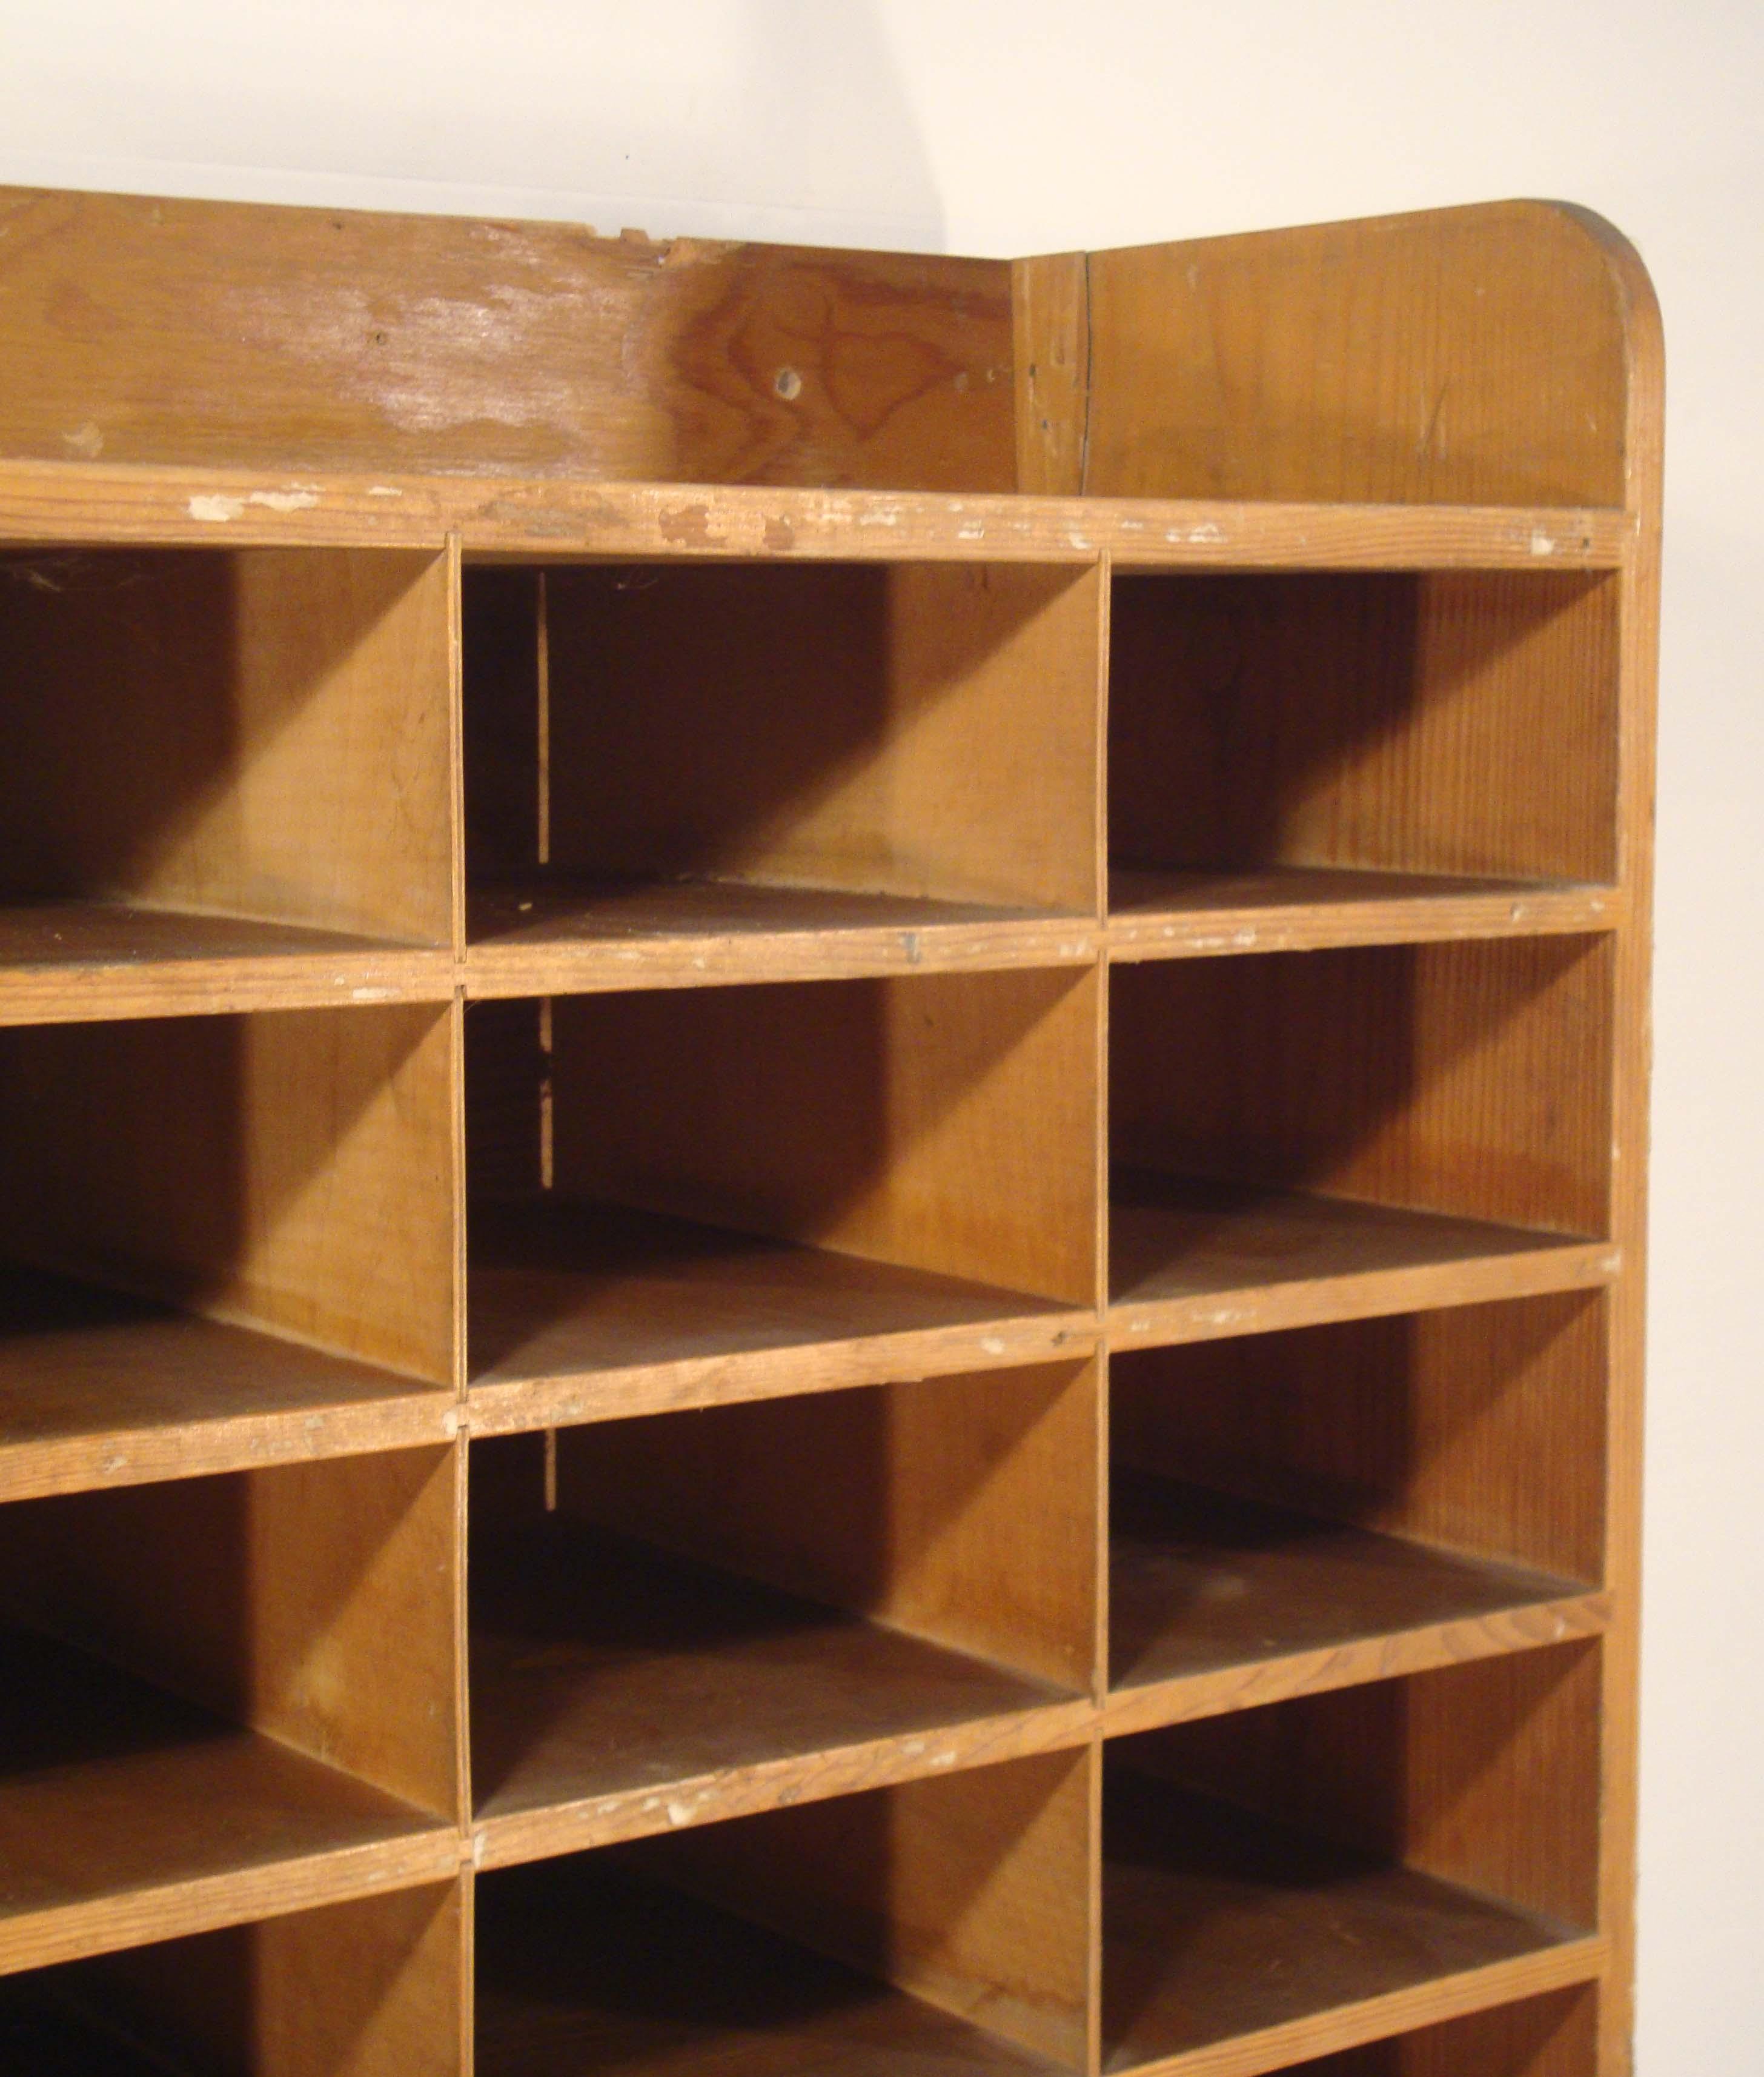 ancien meuble de tri postal en bois trs pratique pour ranger plein. Black Bedroom Furniture Sets. Home Design Ideas